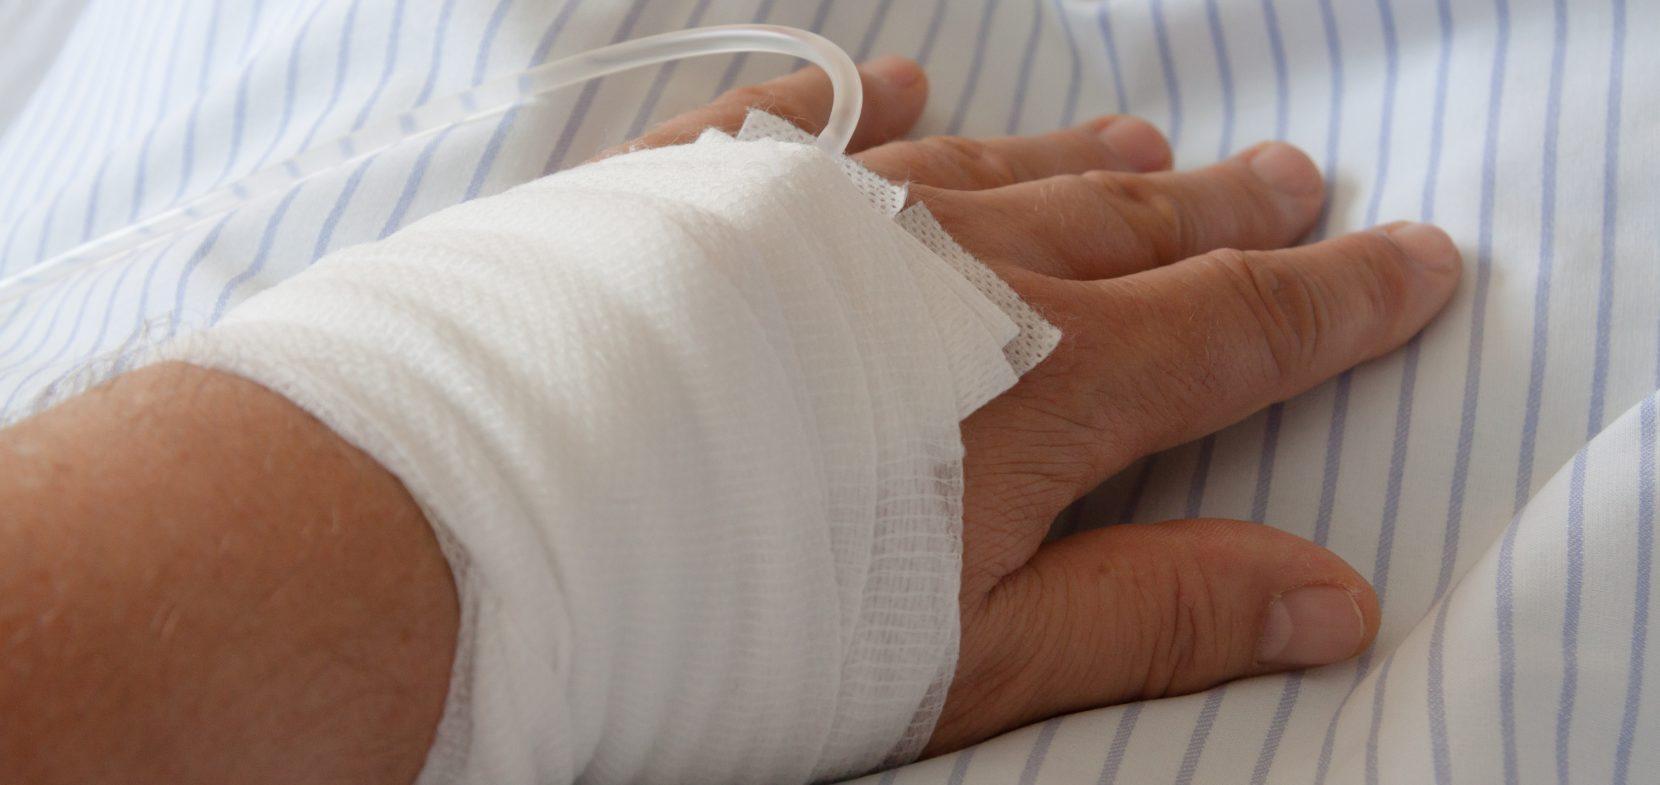 Krankenhausseelsorge